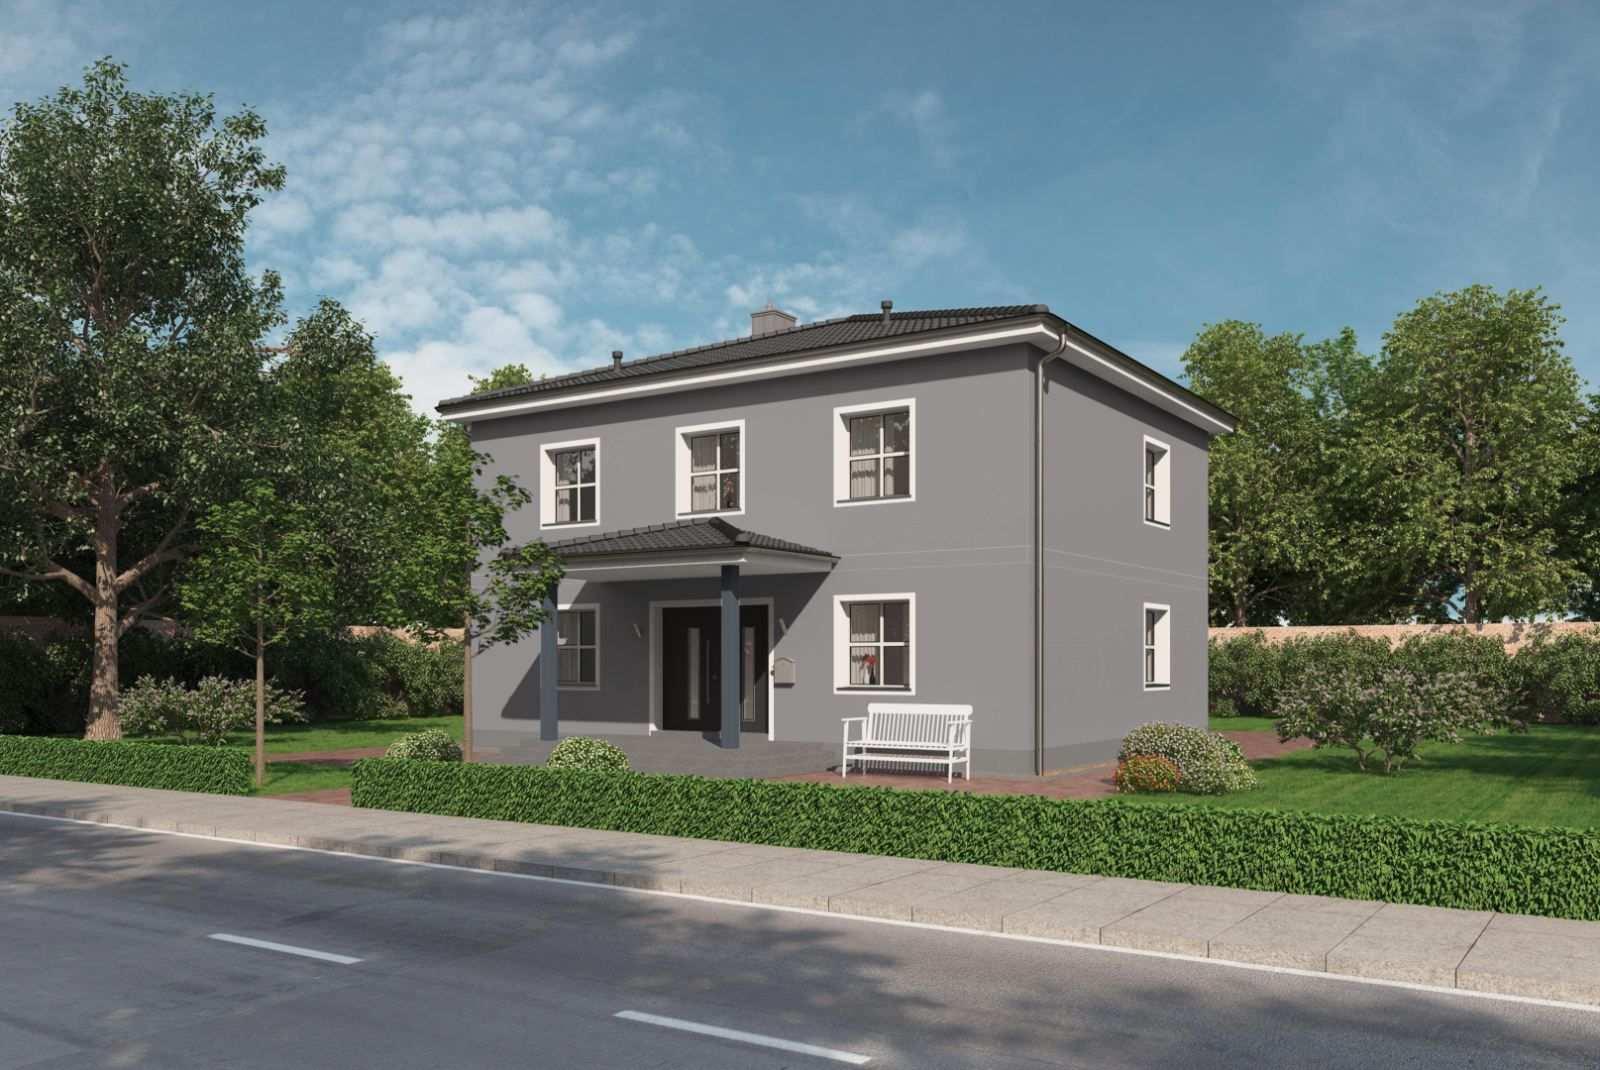 Fassaden Konfigurator Fassade Style At Home Aussenwand